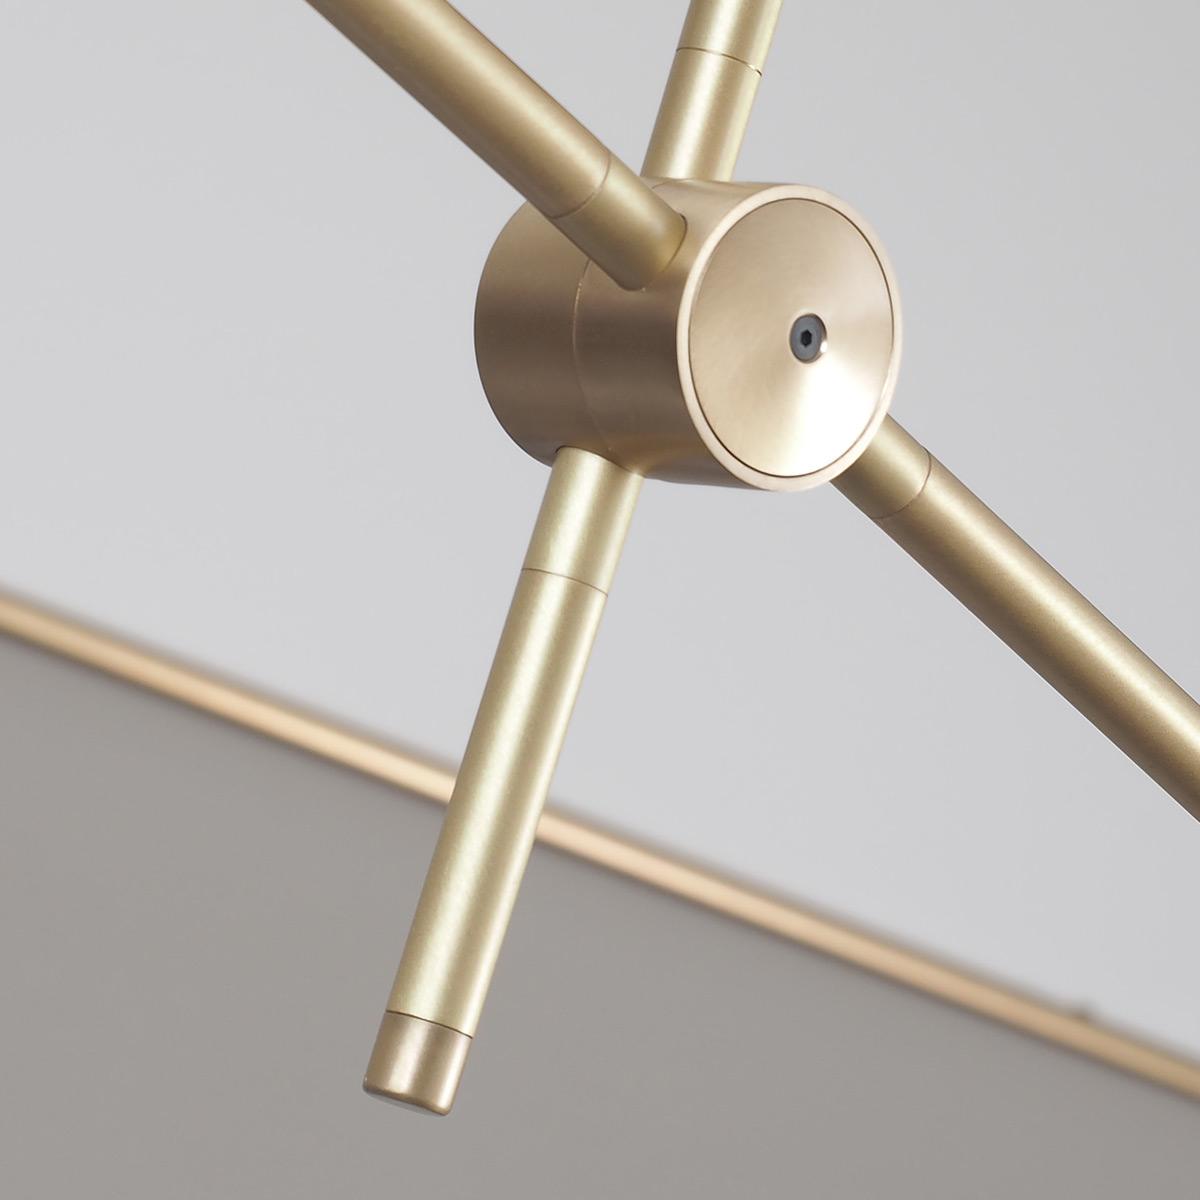 Aus Was Besteht Messing beeindruckender mid century design leuchter aus messing 118 cm